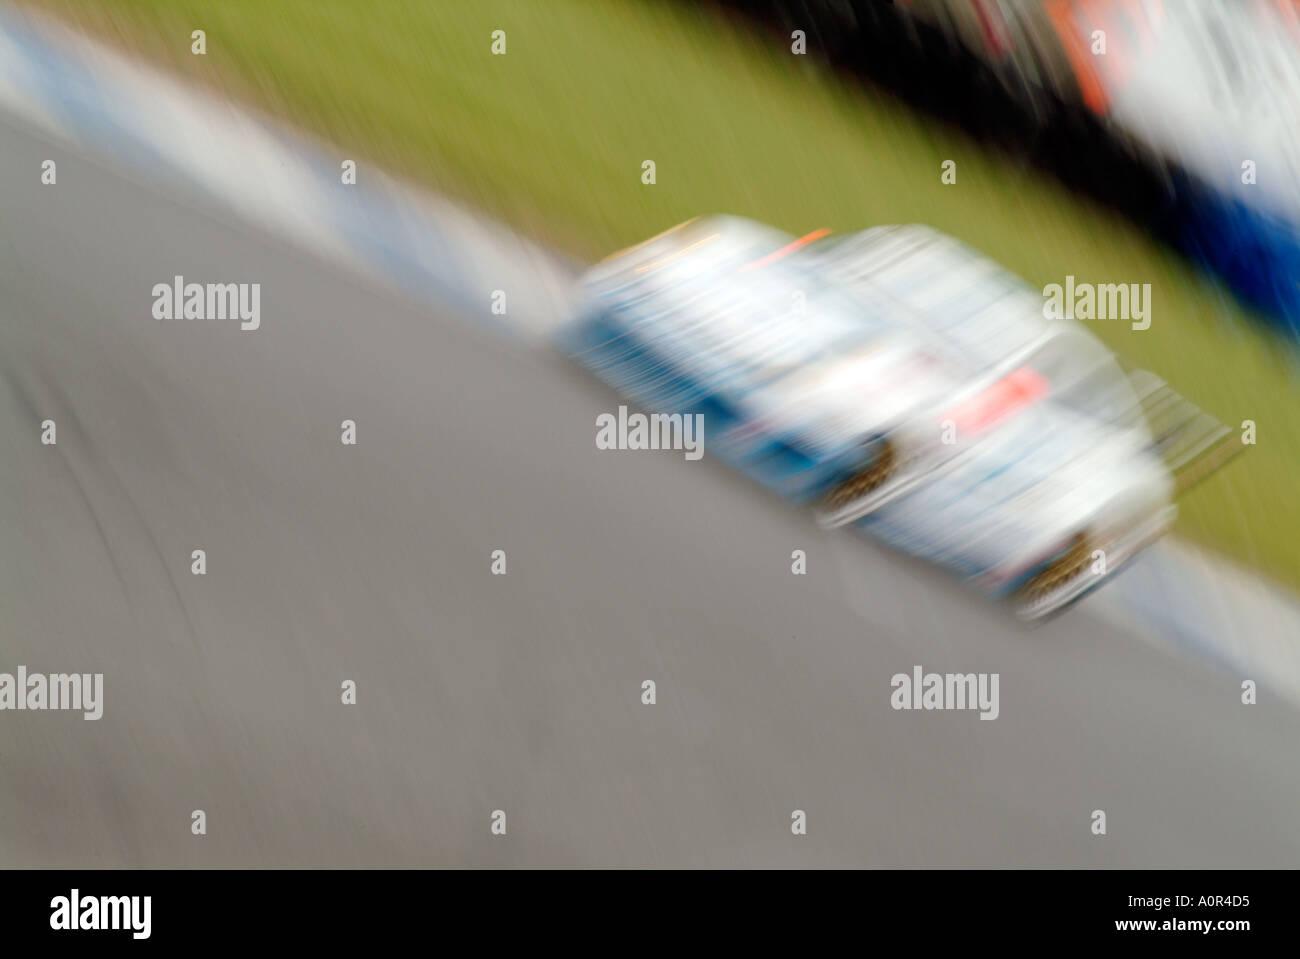 Carreras de coches Carrera motor sport auto win riesgo perder potencia Velocidad rápida de movimiento motion blur potencia motor riesgo competencia interés masculino Imagen De Stock